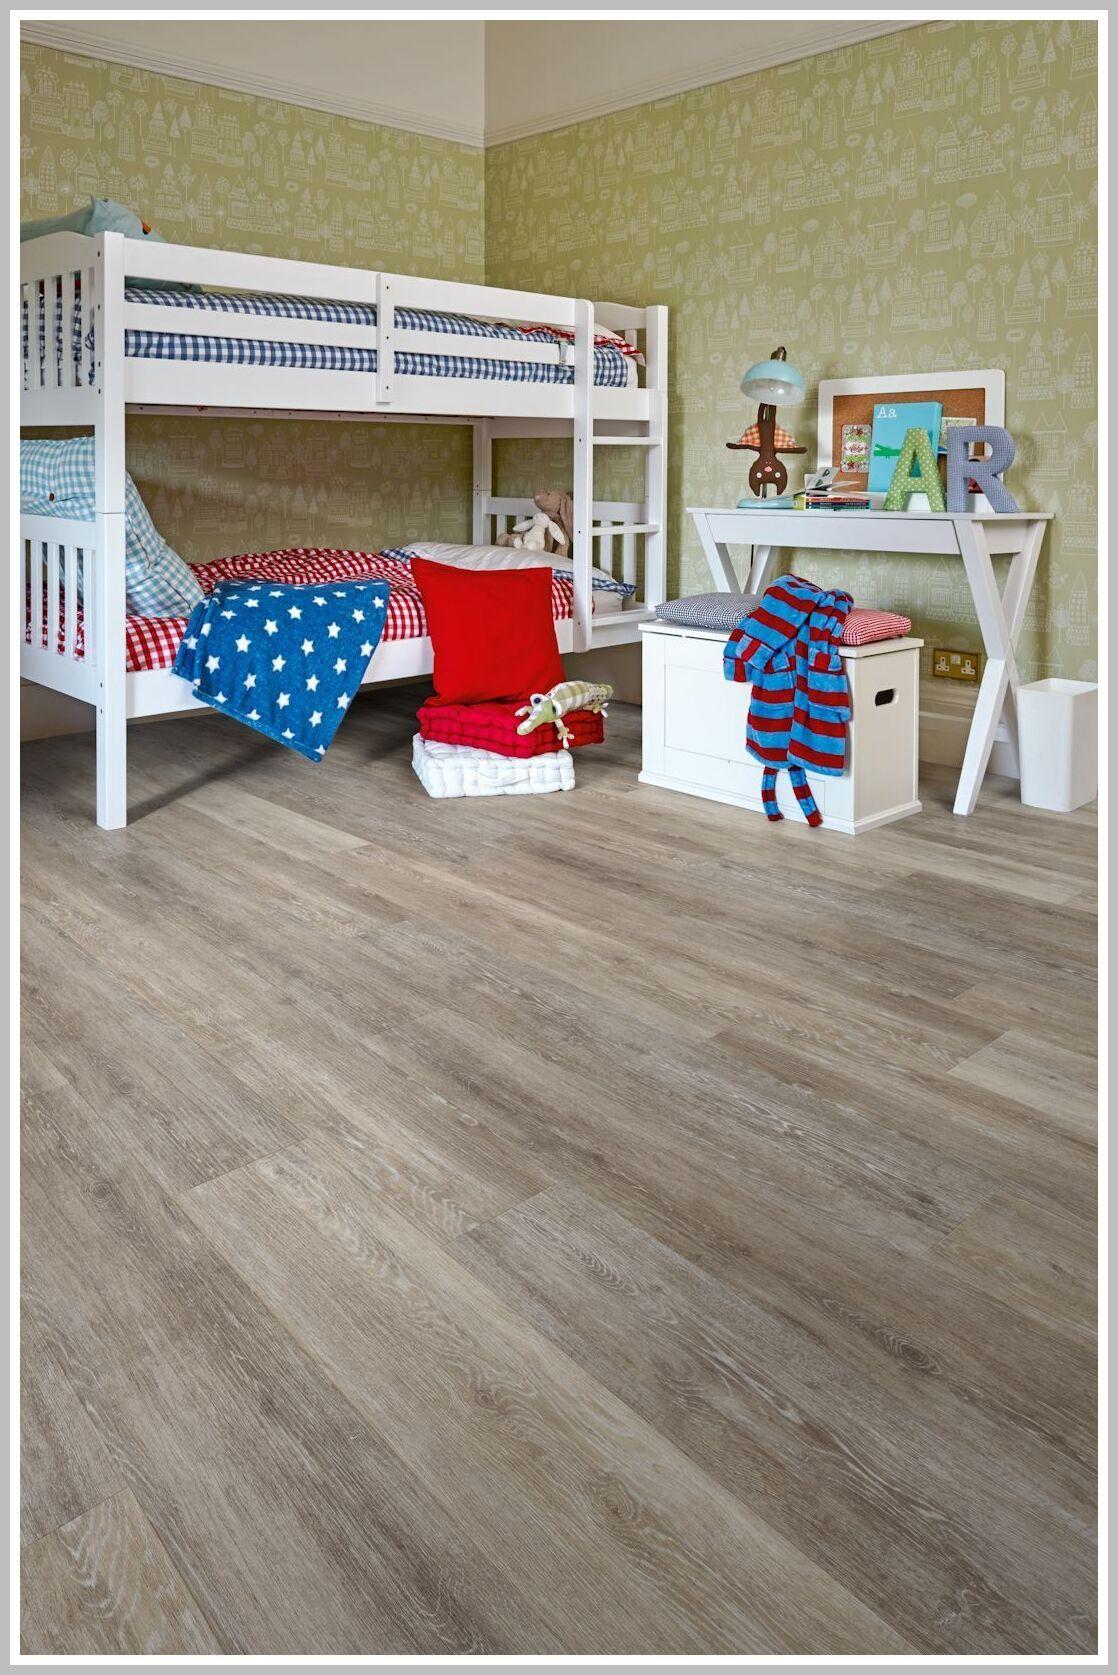 39 Reference Of Linoleum Stairs Kids Room In 2020 | Kids Bedroom Flooring, Luxury Vinyl Tile, Luxury Vinyl Tile Flooring